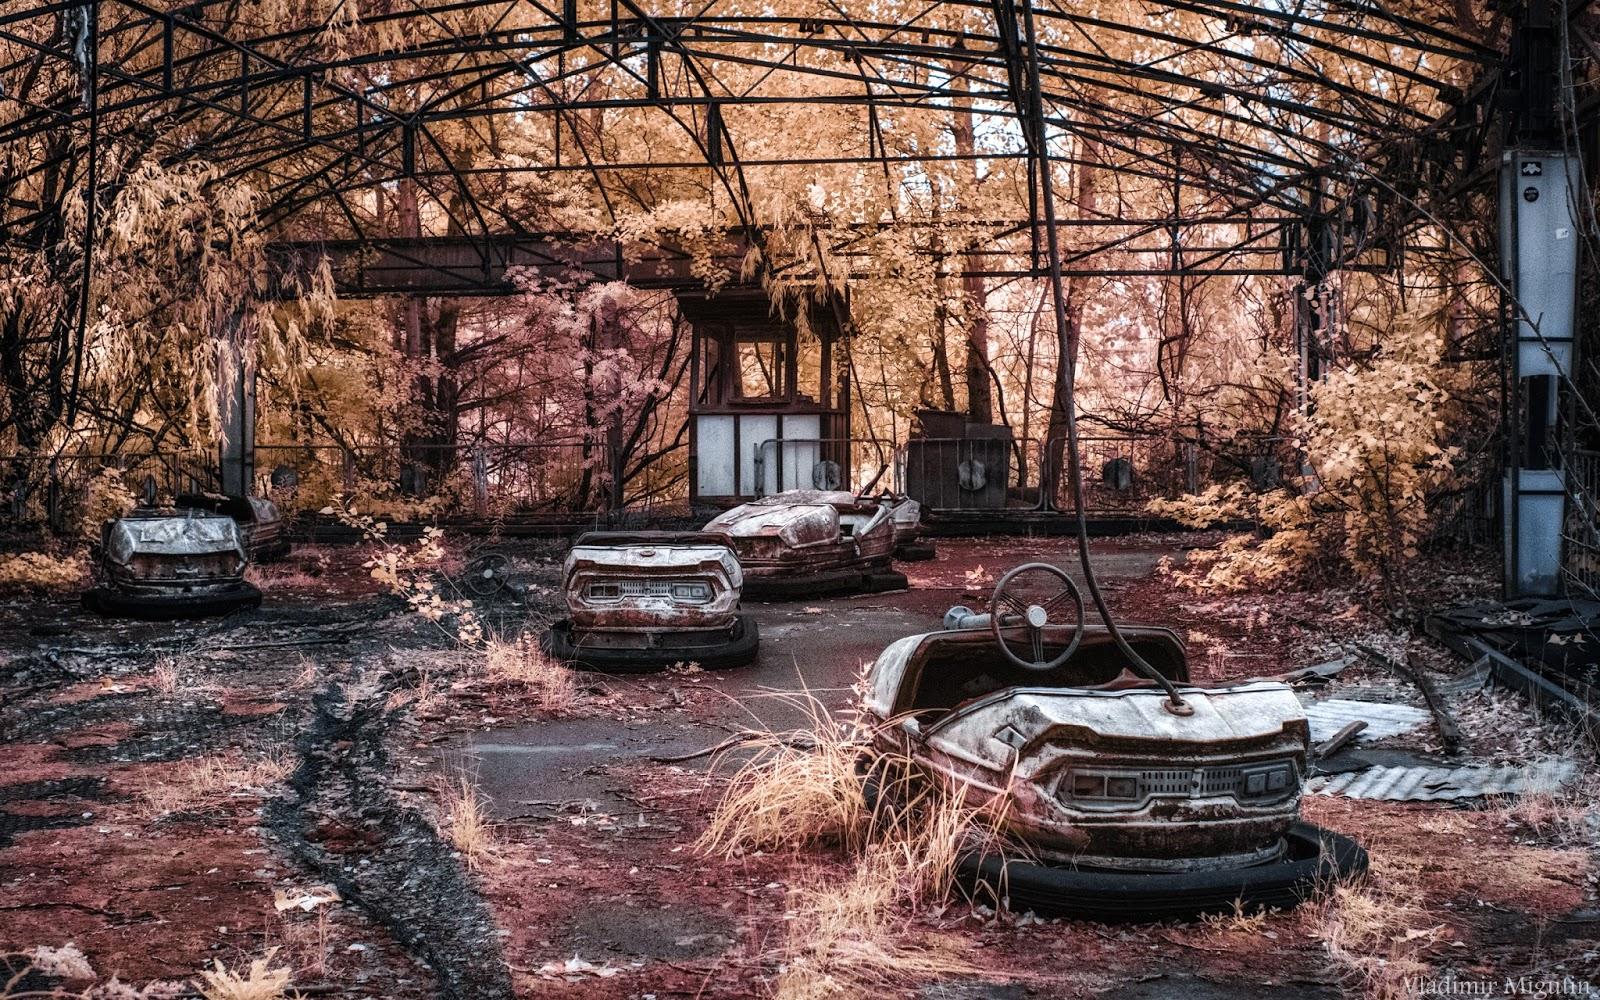 Картинки из чернобыля, картинки эмблемы